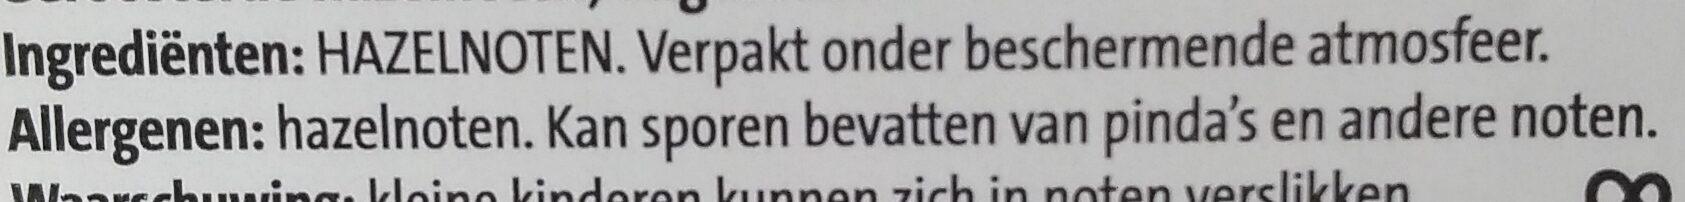 Jumbo Hazelnoten ongezouten - Ingrediënten - nl